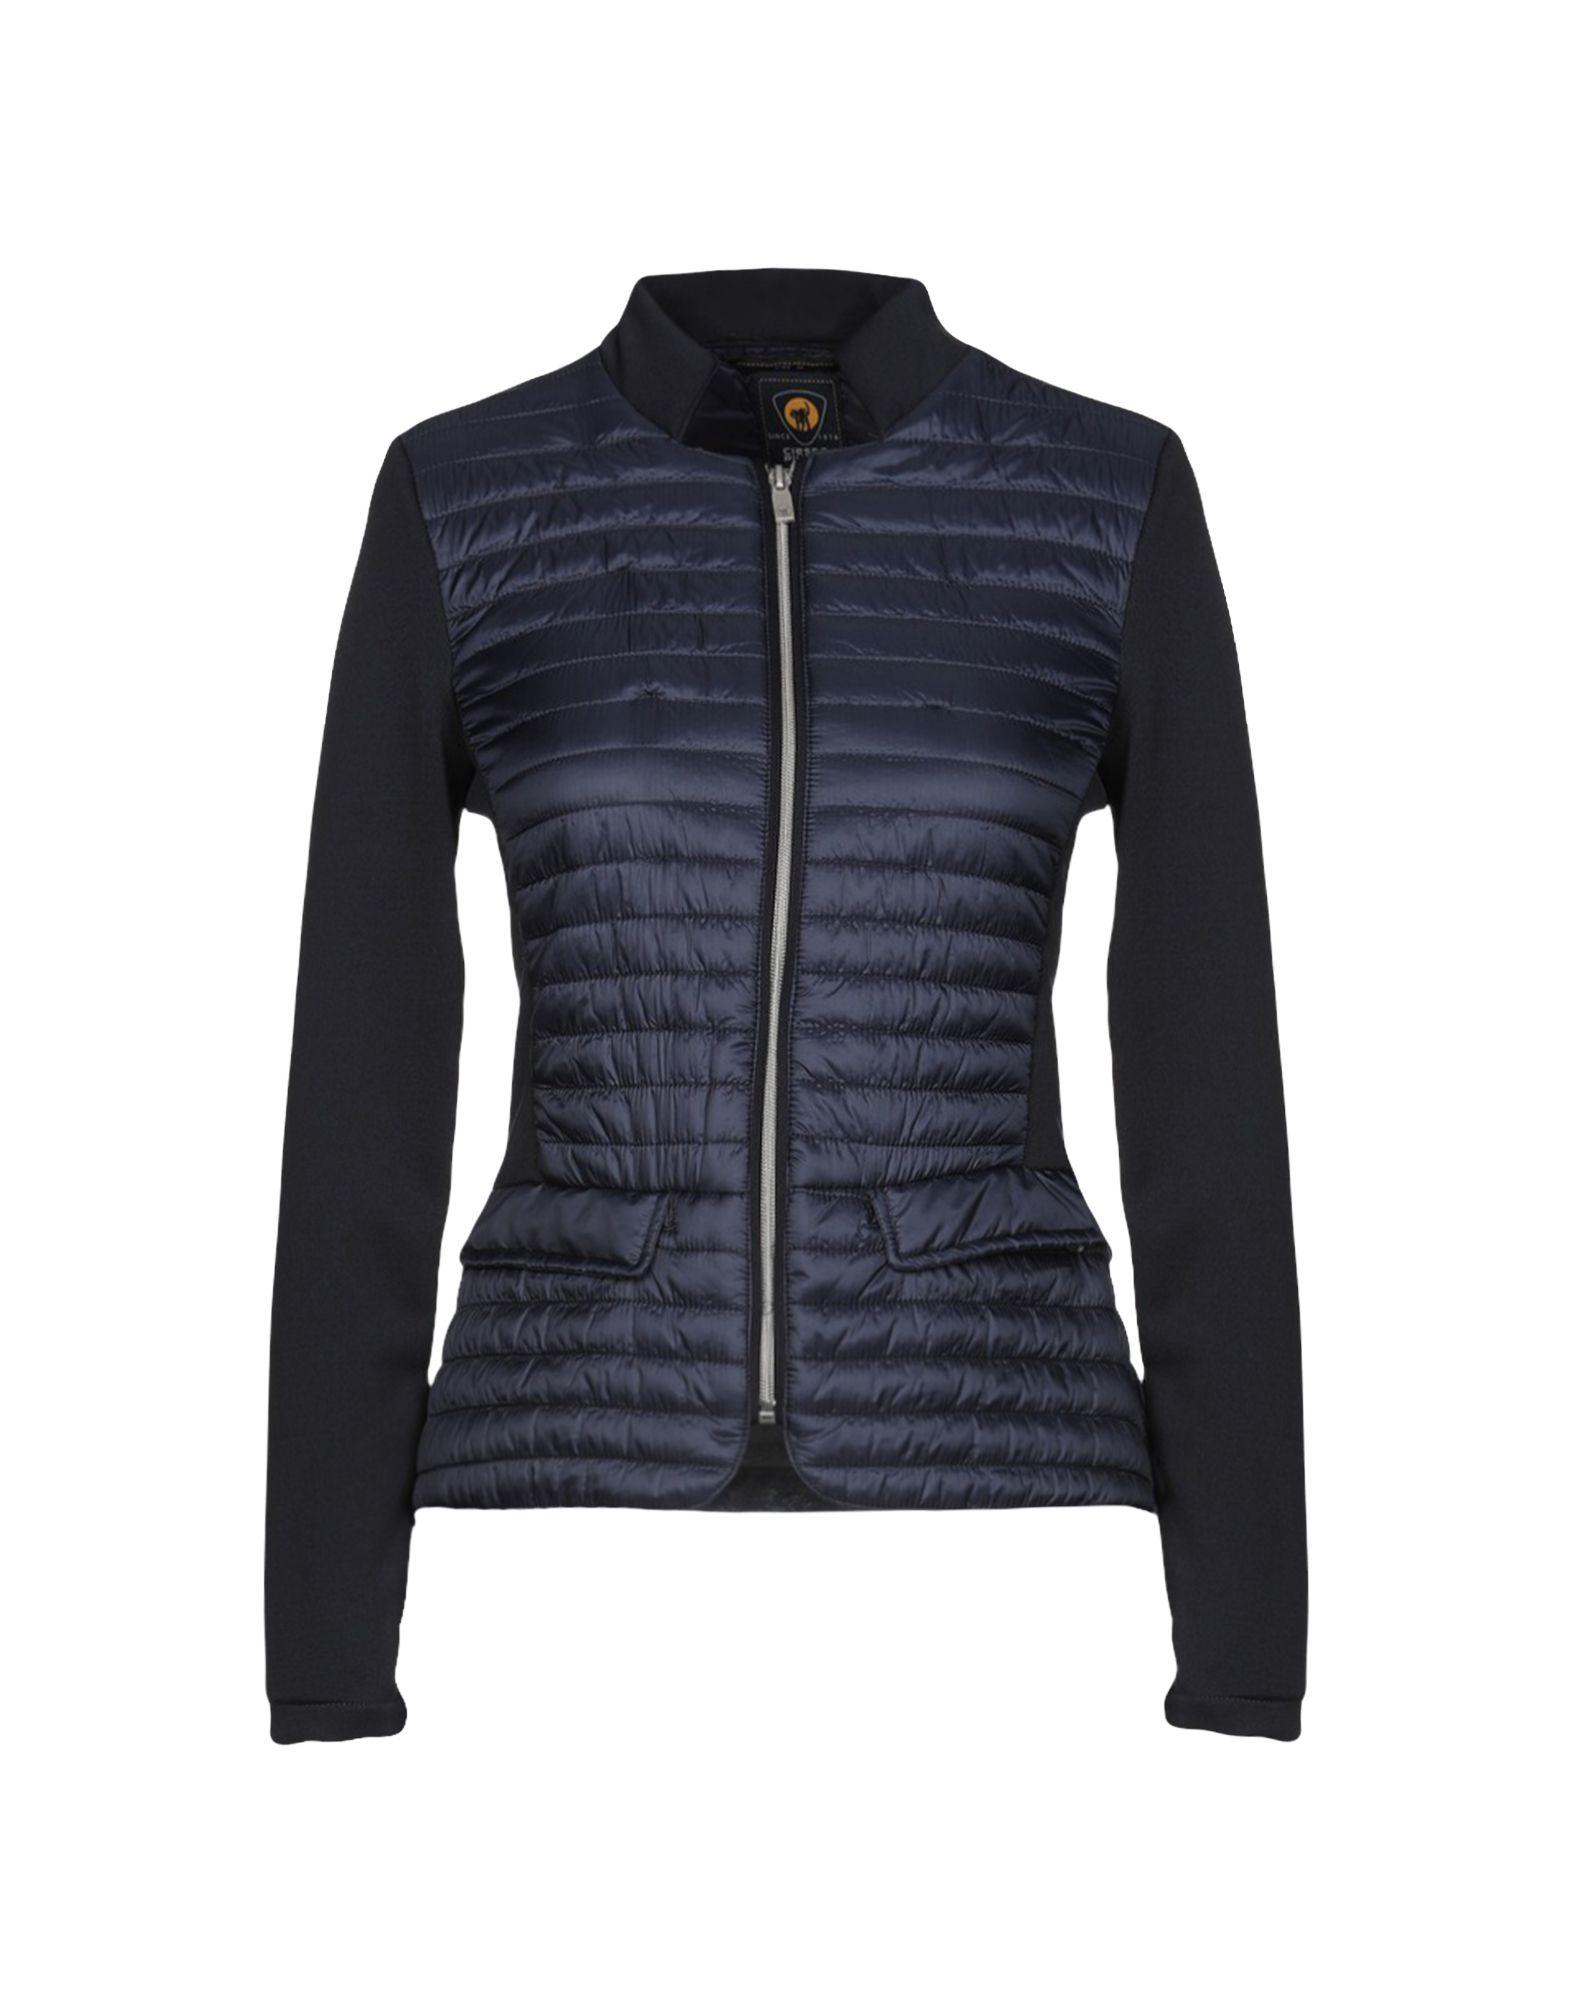 new concept ca34c 6bc60 CIESSE PIUMINI Jacket - Coats & Jackets   YOOX.COM